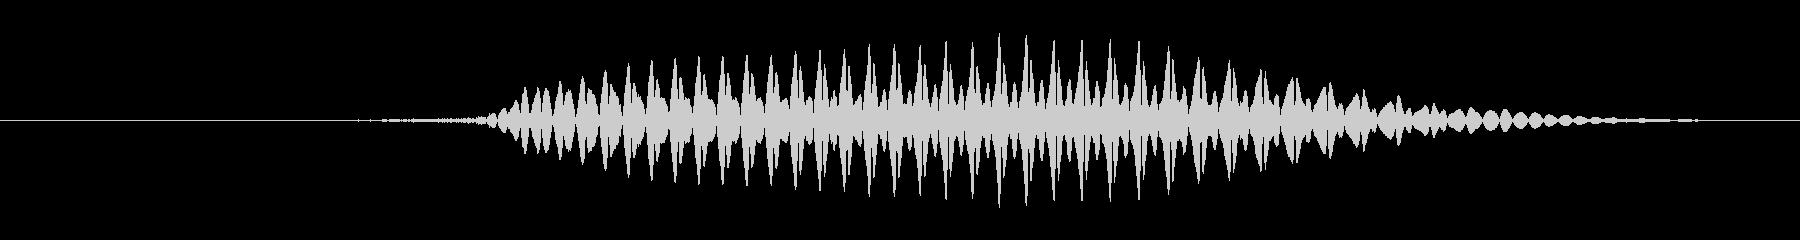 鳴き声 男性ため息をつく03の未再生の波形